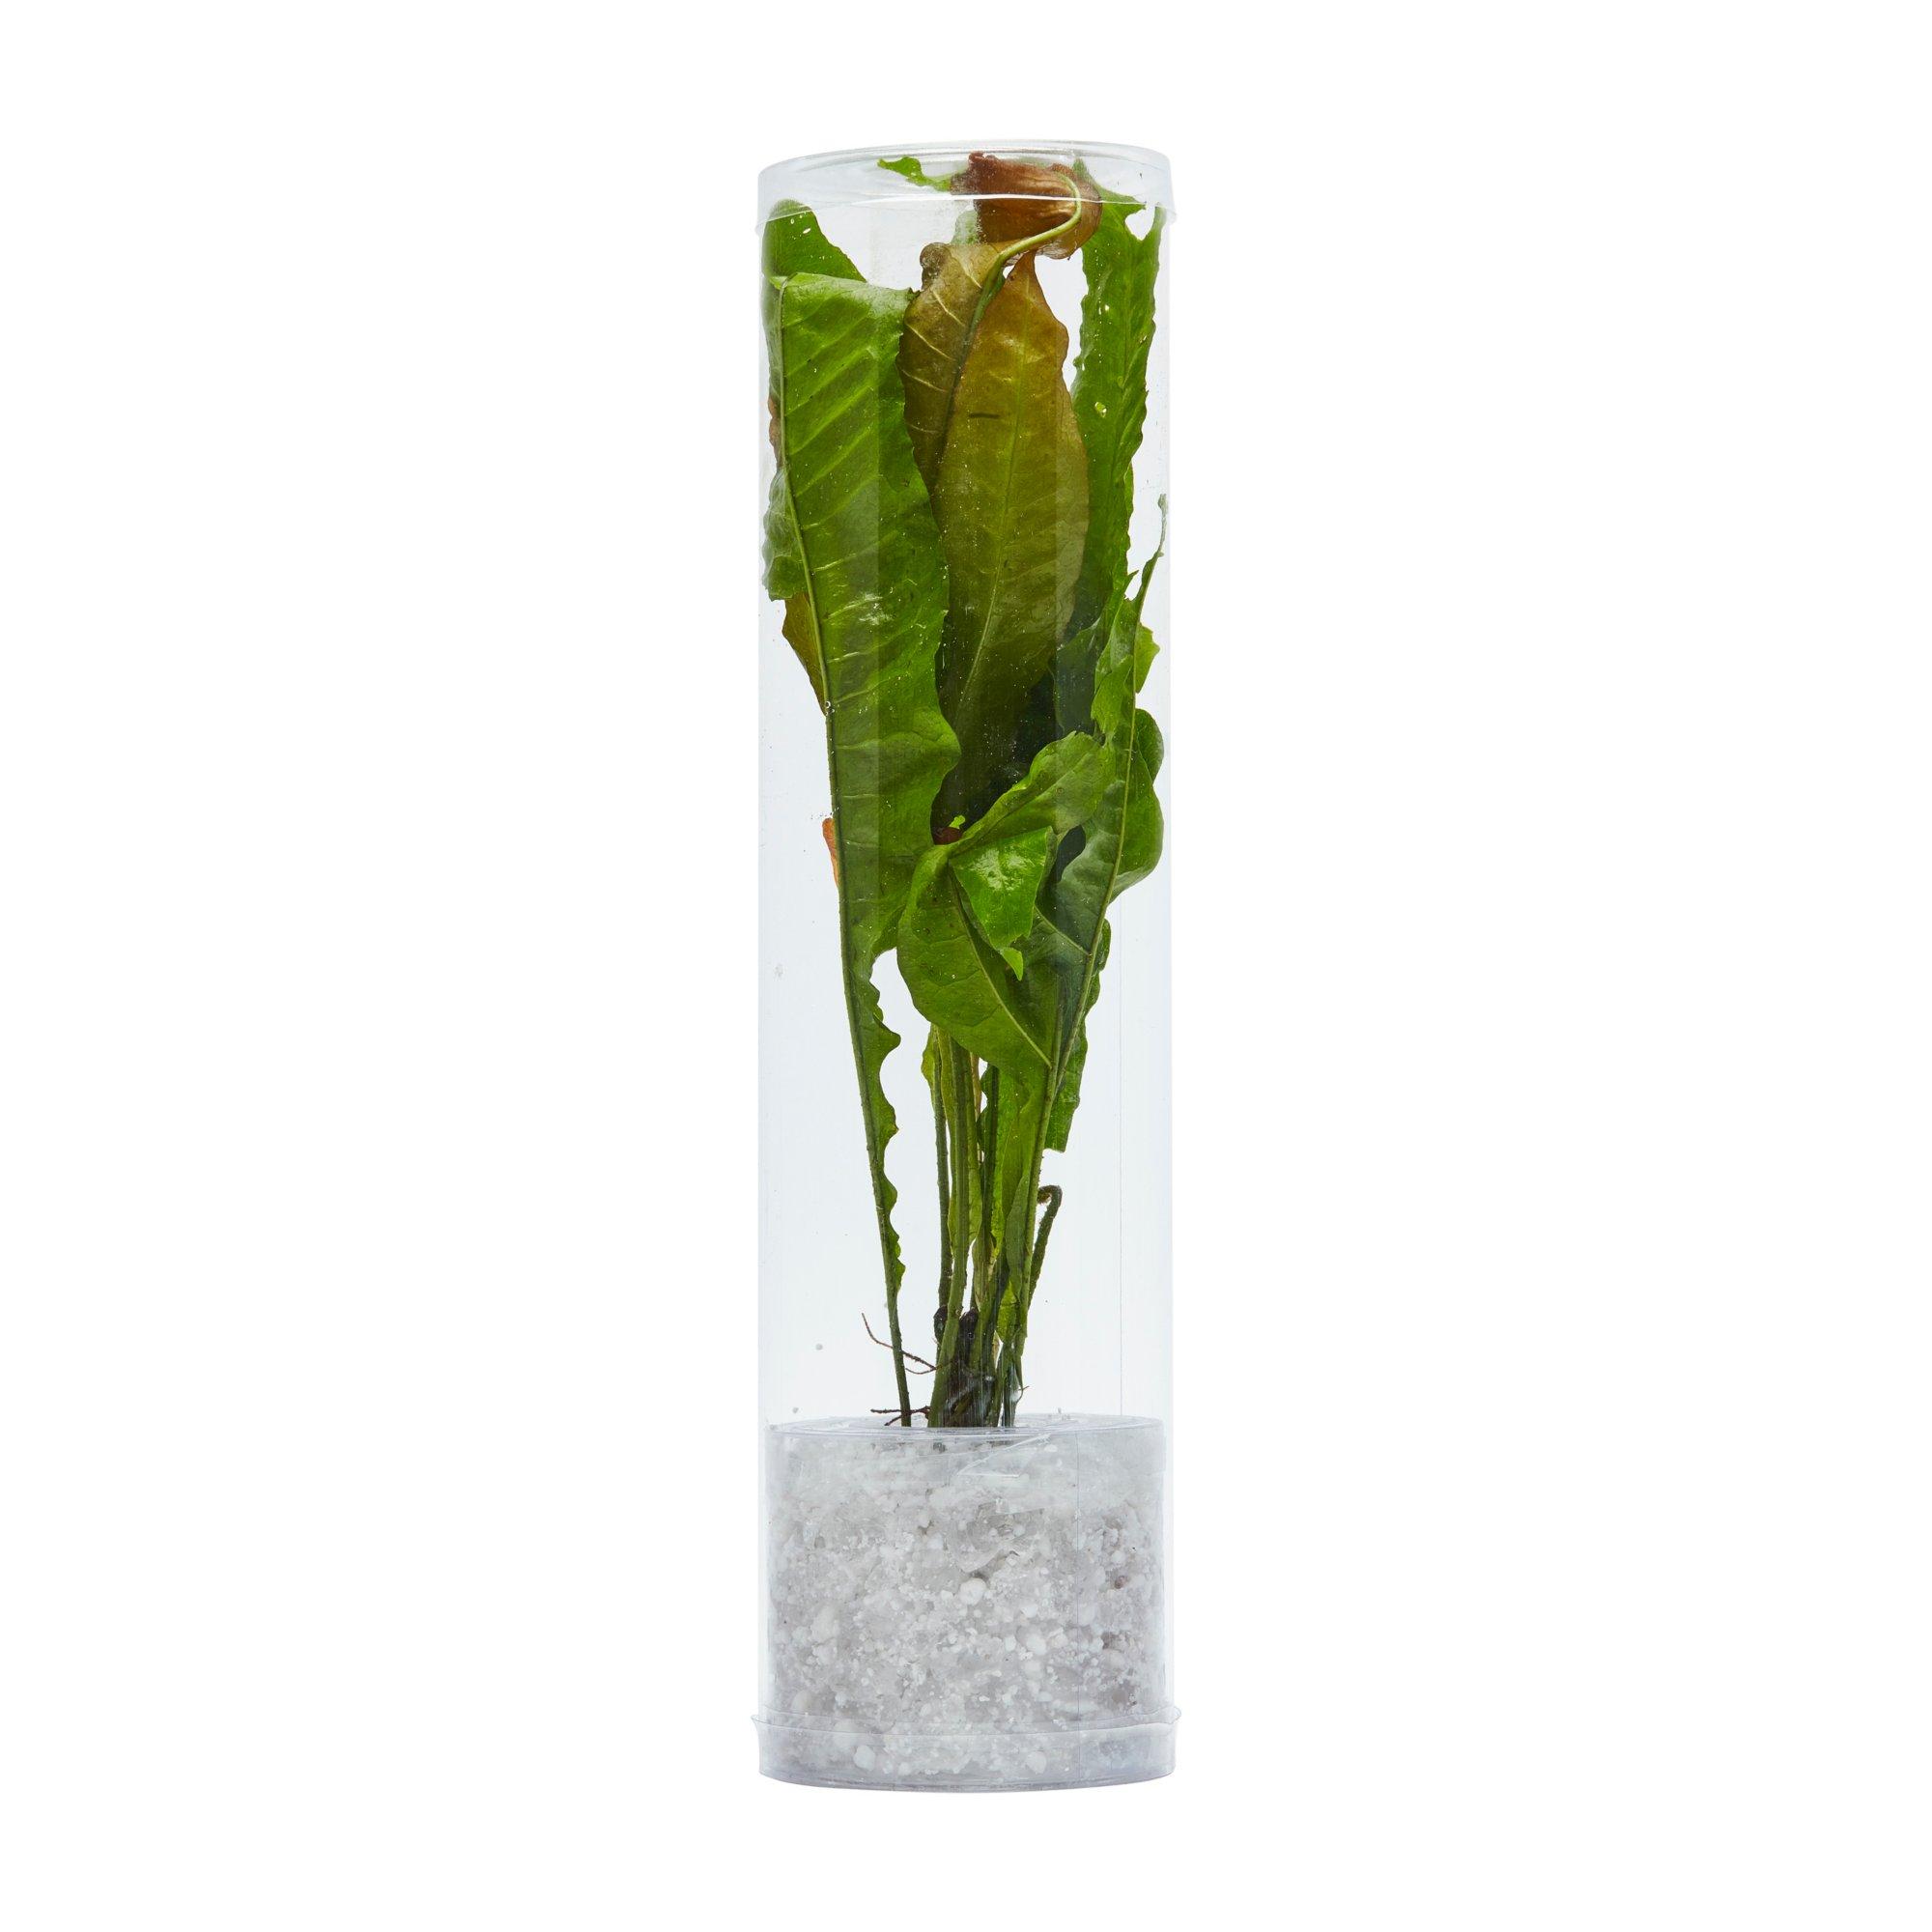 petco anubias betta aquarium plant petco